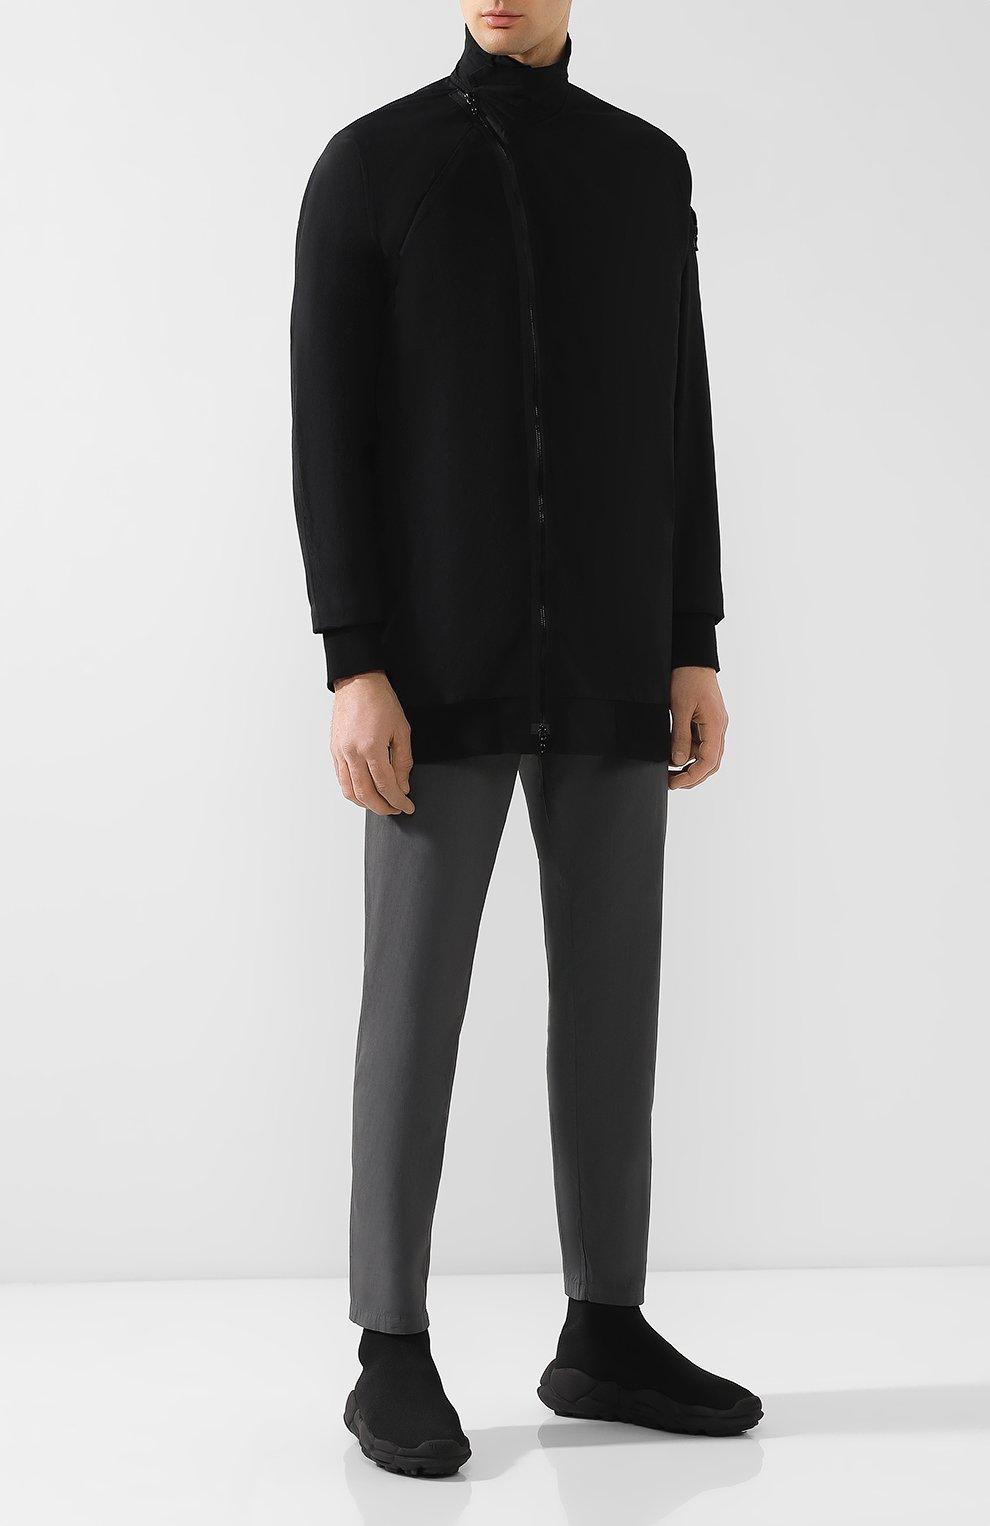 9260ae3c6 Мужская одежда Julius по цене от 11 450 руб. купить в интернет-магазине ЦУМ